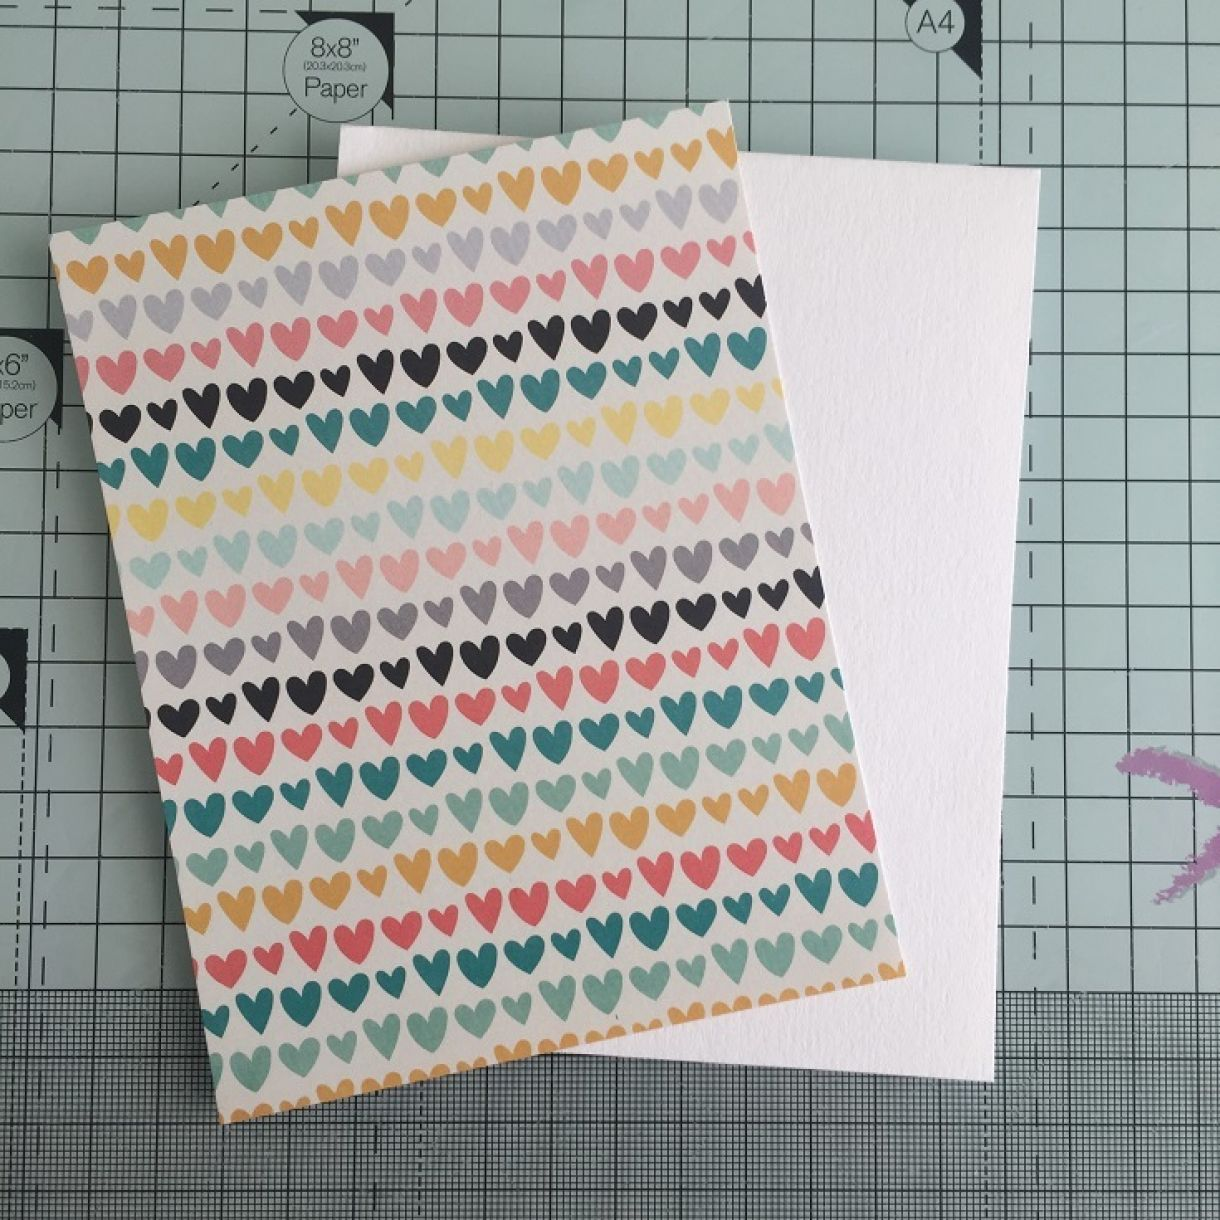 shaker card tutorial 2